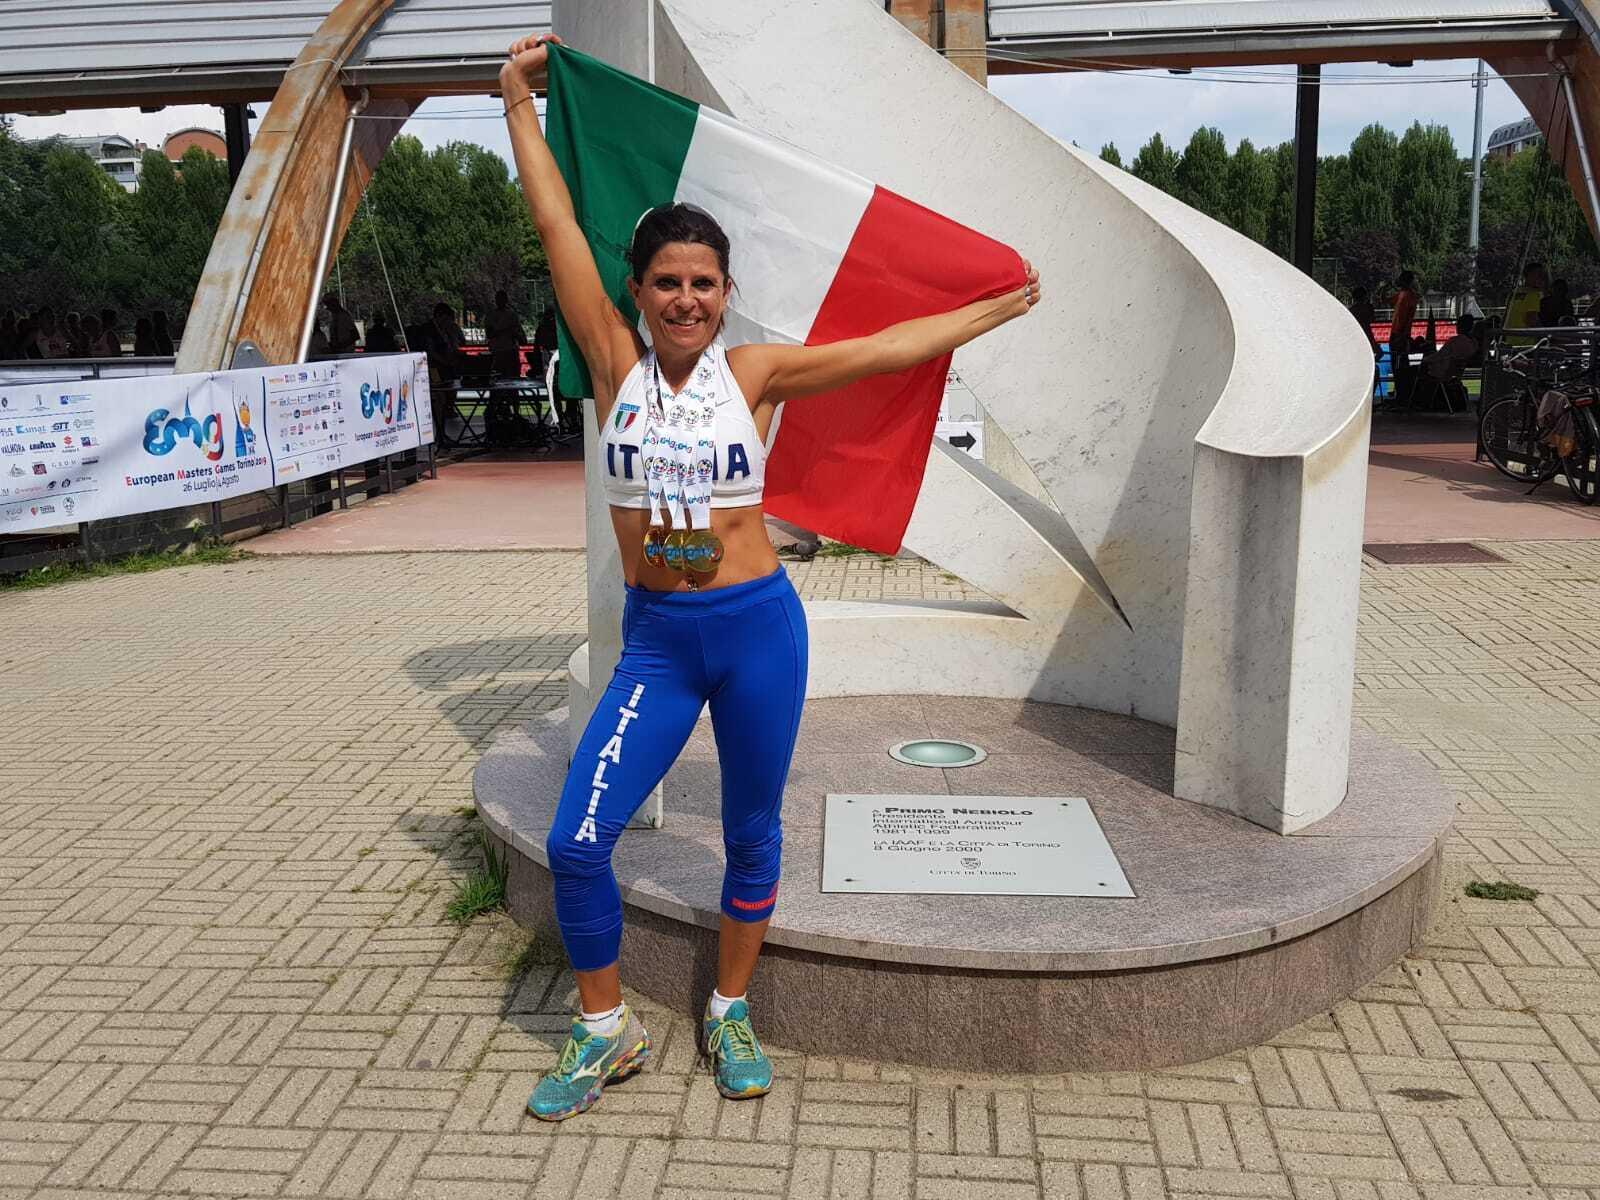 Atletica Master, triplo oro europeo per Cristina Sanulli